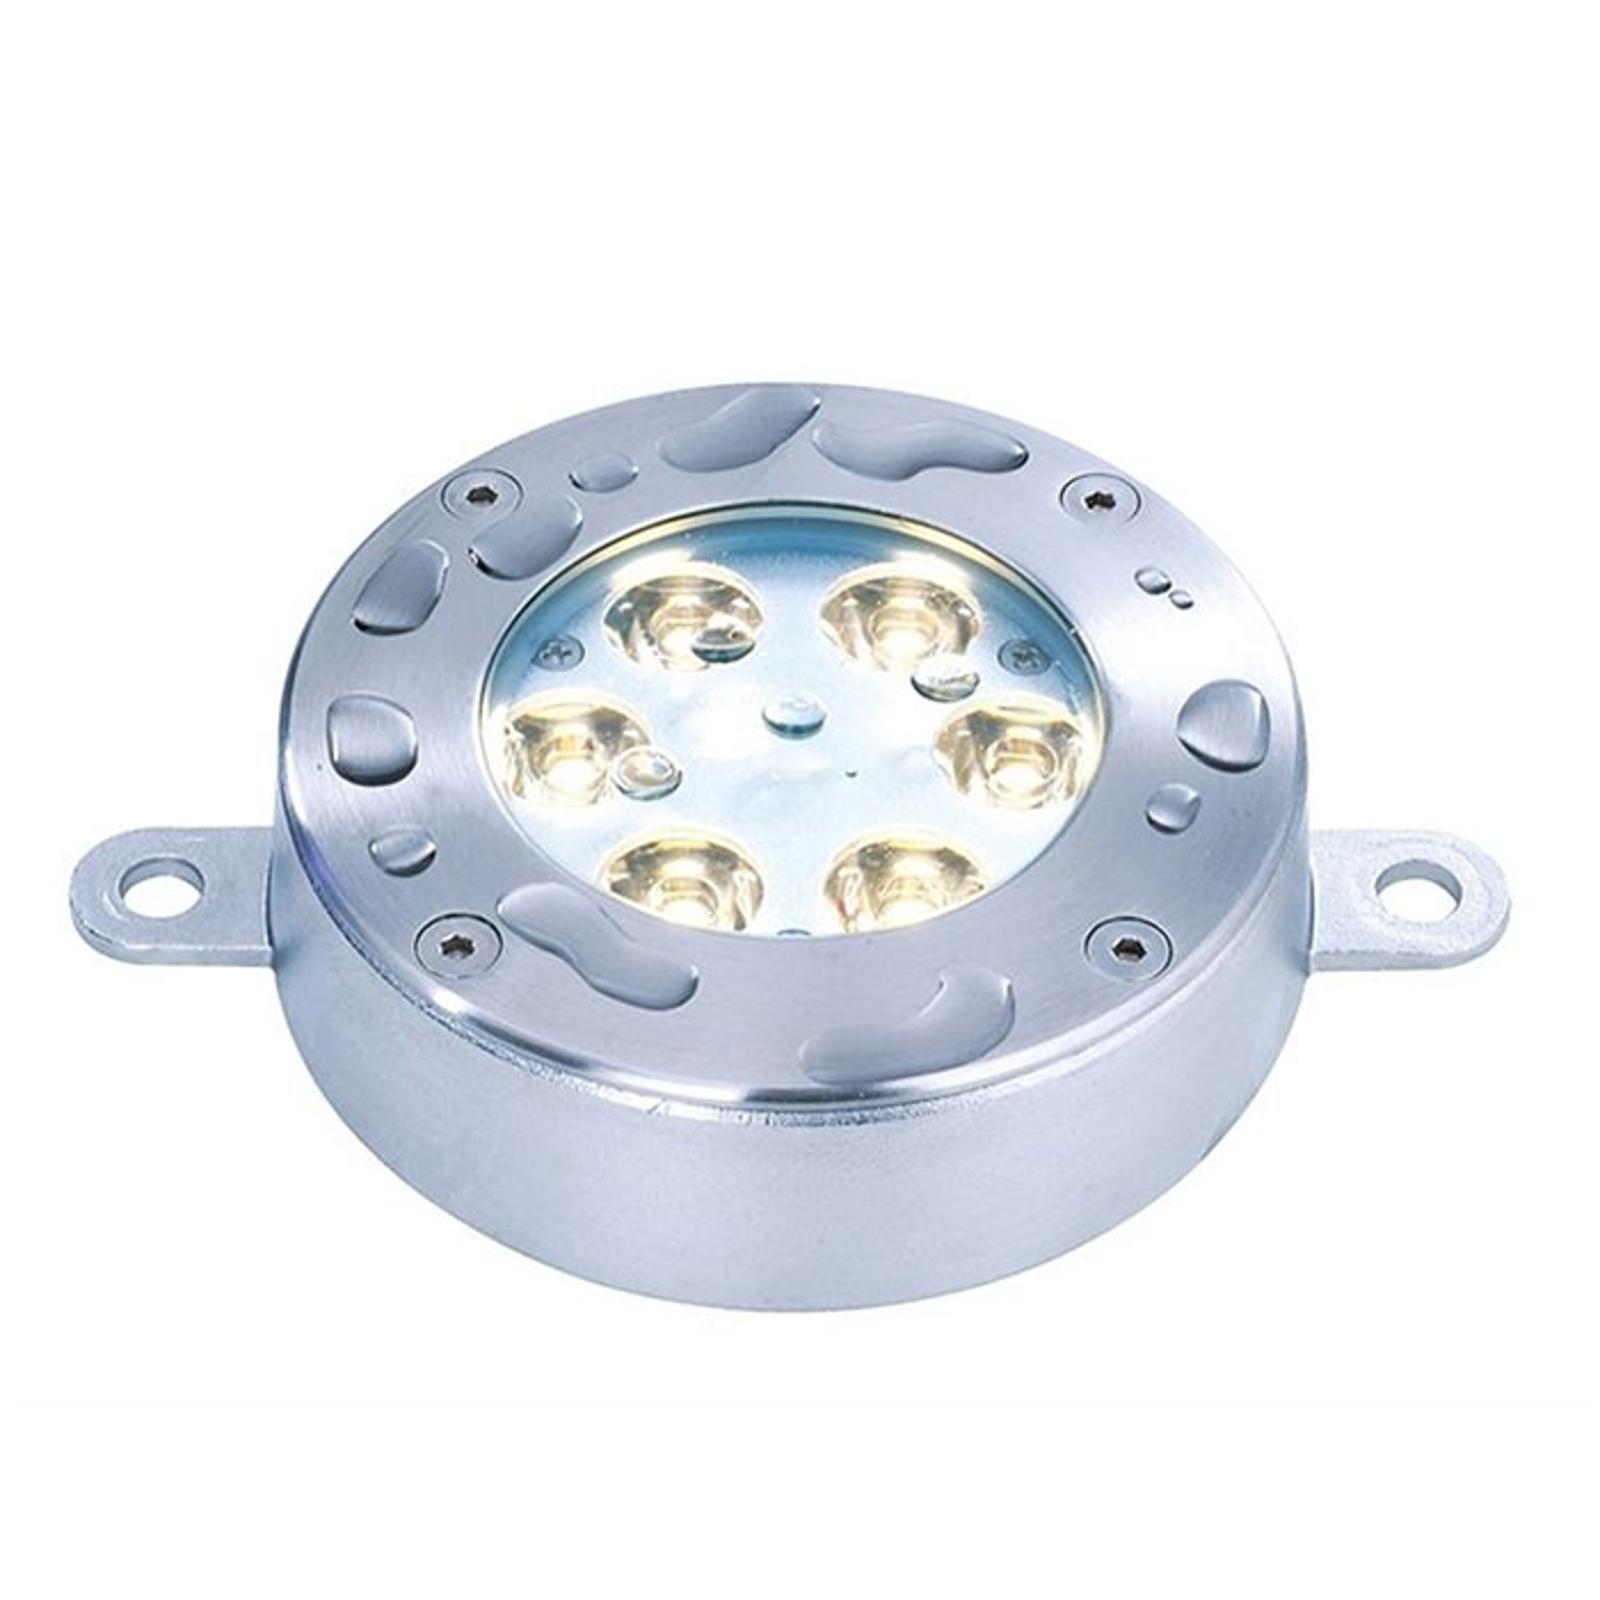 Lampada incasso uso subacqueo, LED a luce calda